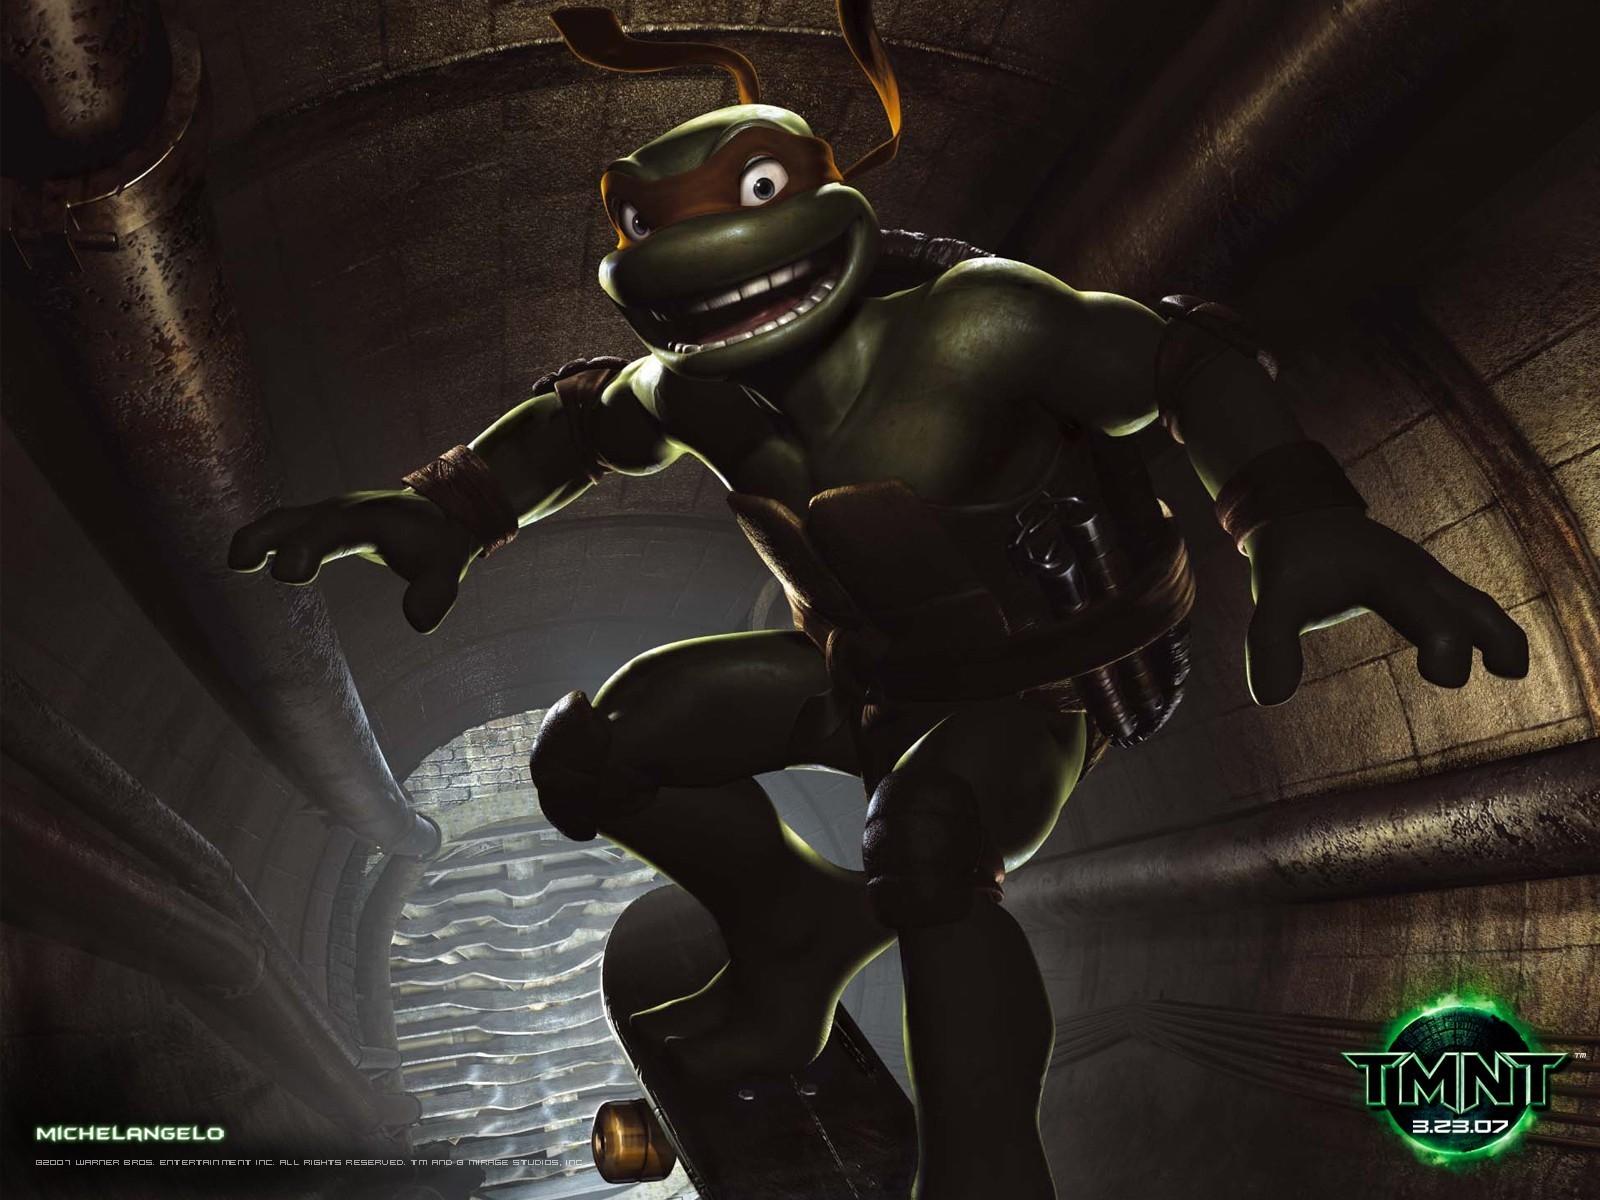 Un wallpaper di Michelangelo per il film 'Teenage Mutant Ninja Turtles Photo'